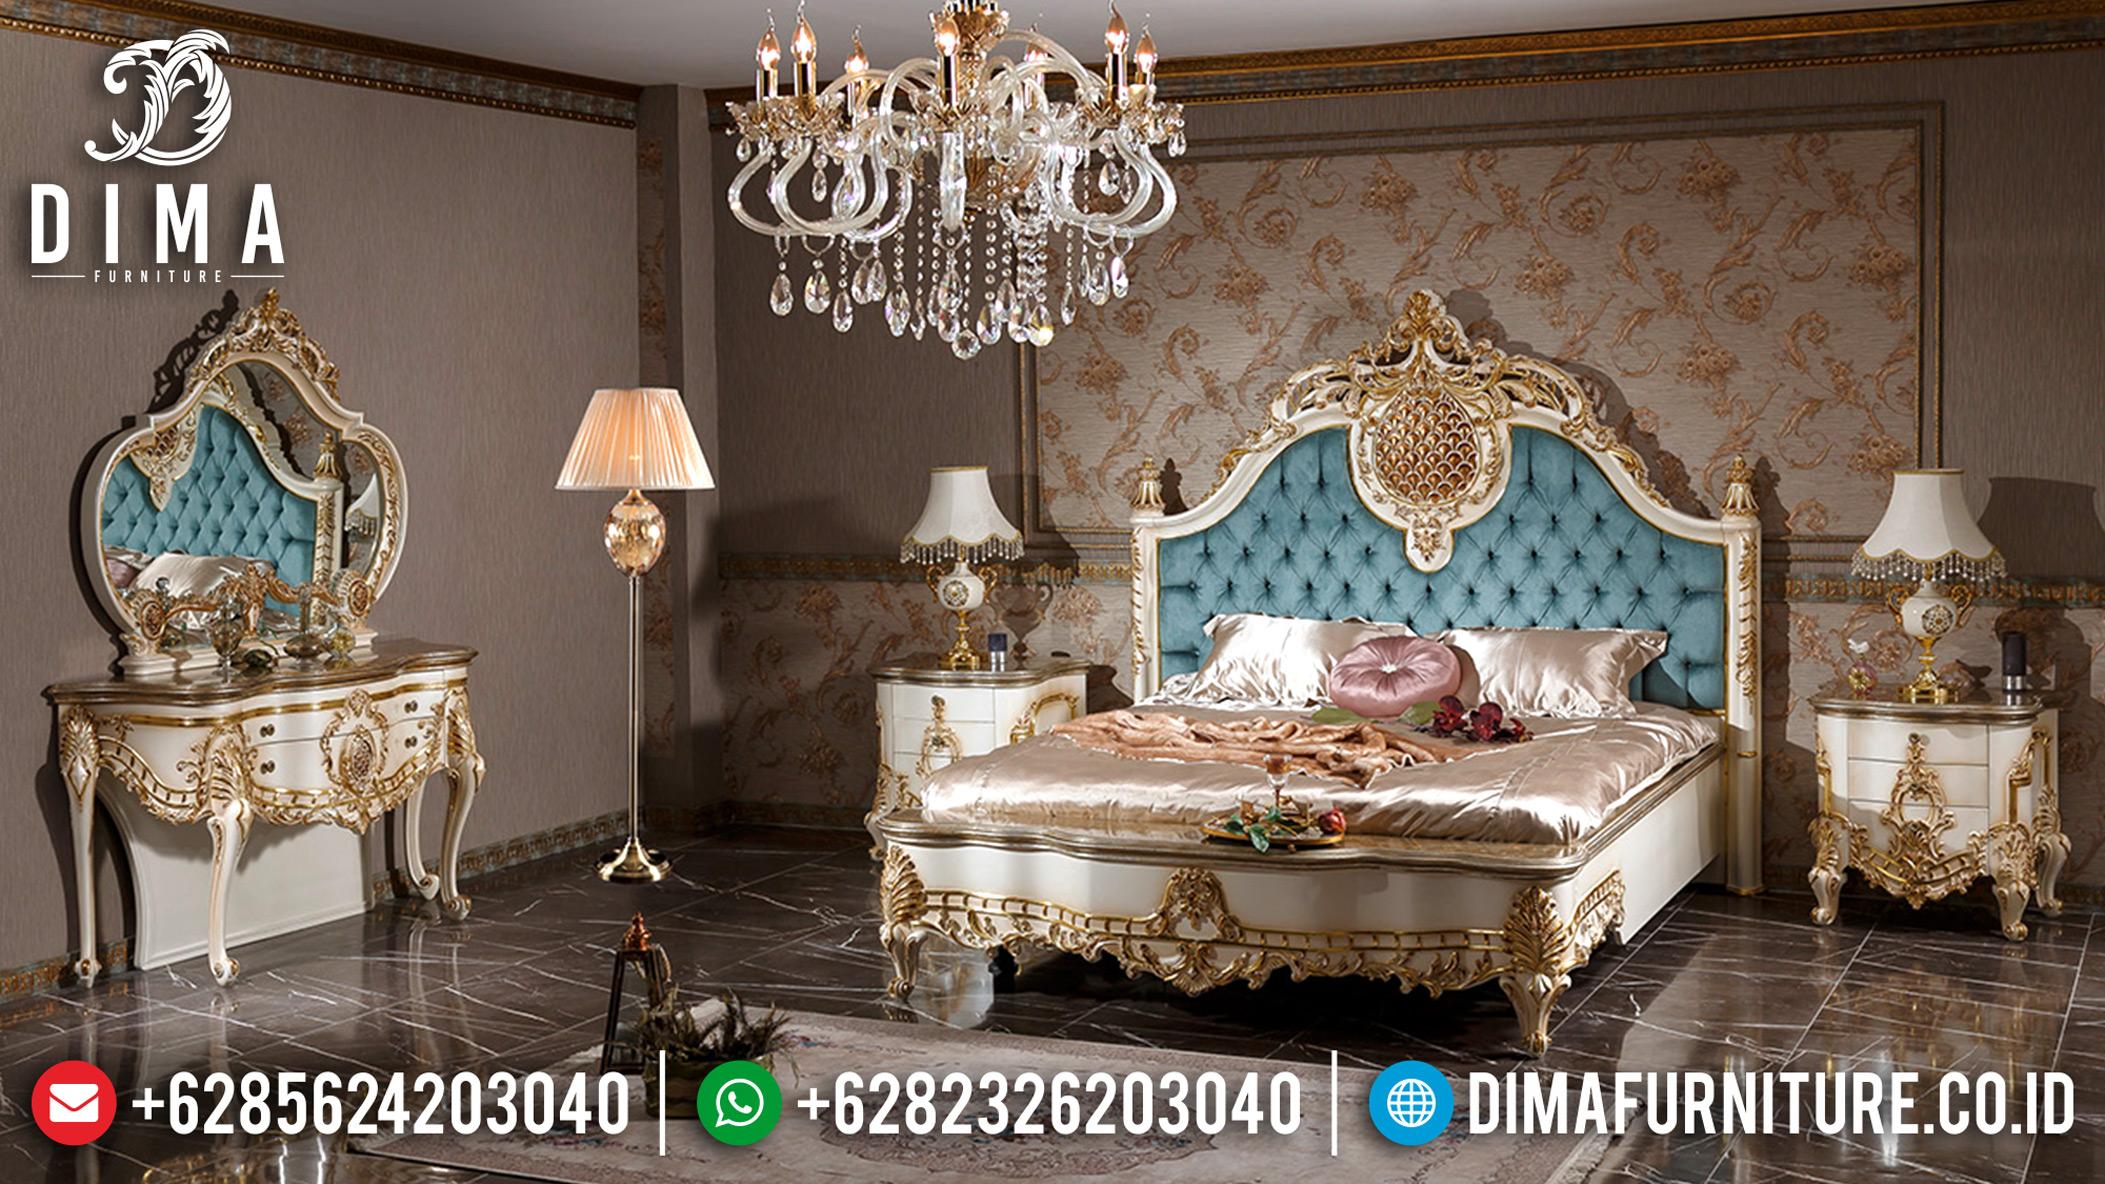 20+ Tempat Tidur Jepara Mewah Dan Minimalis Pilihan Tahun 2019 030 Dima Furniture Jepara